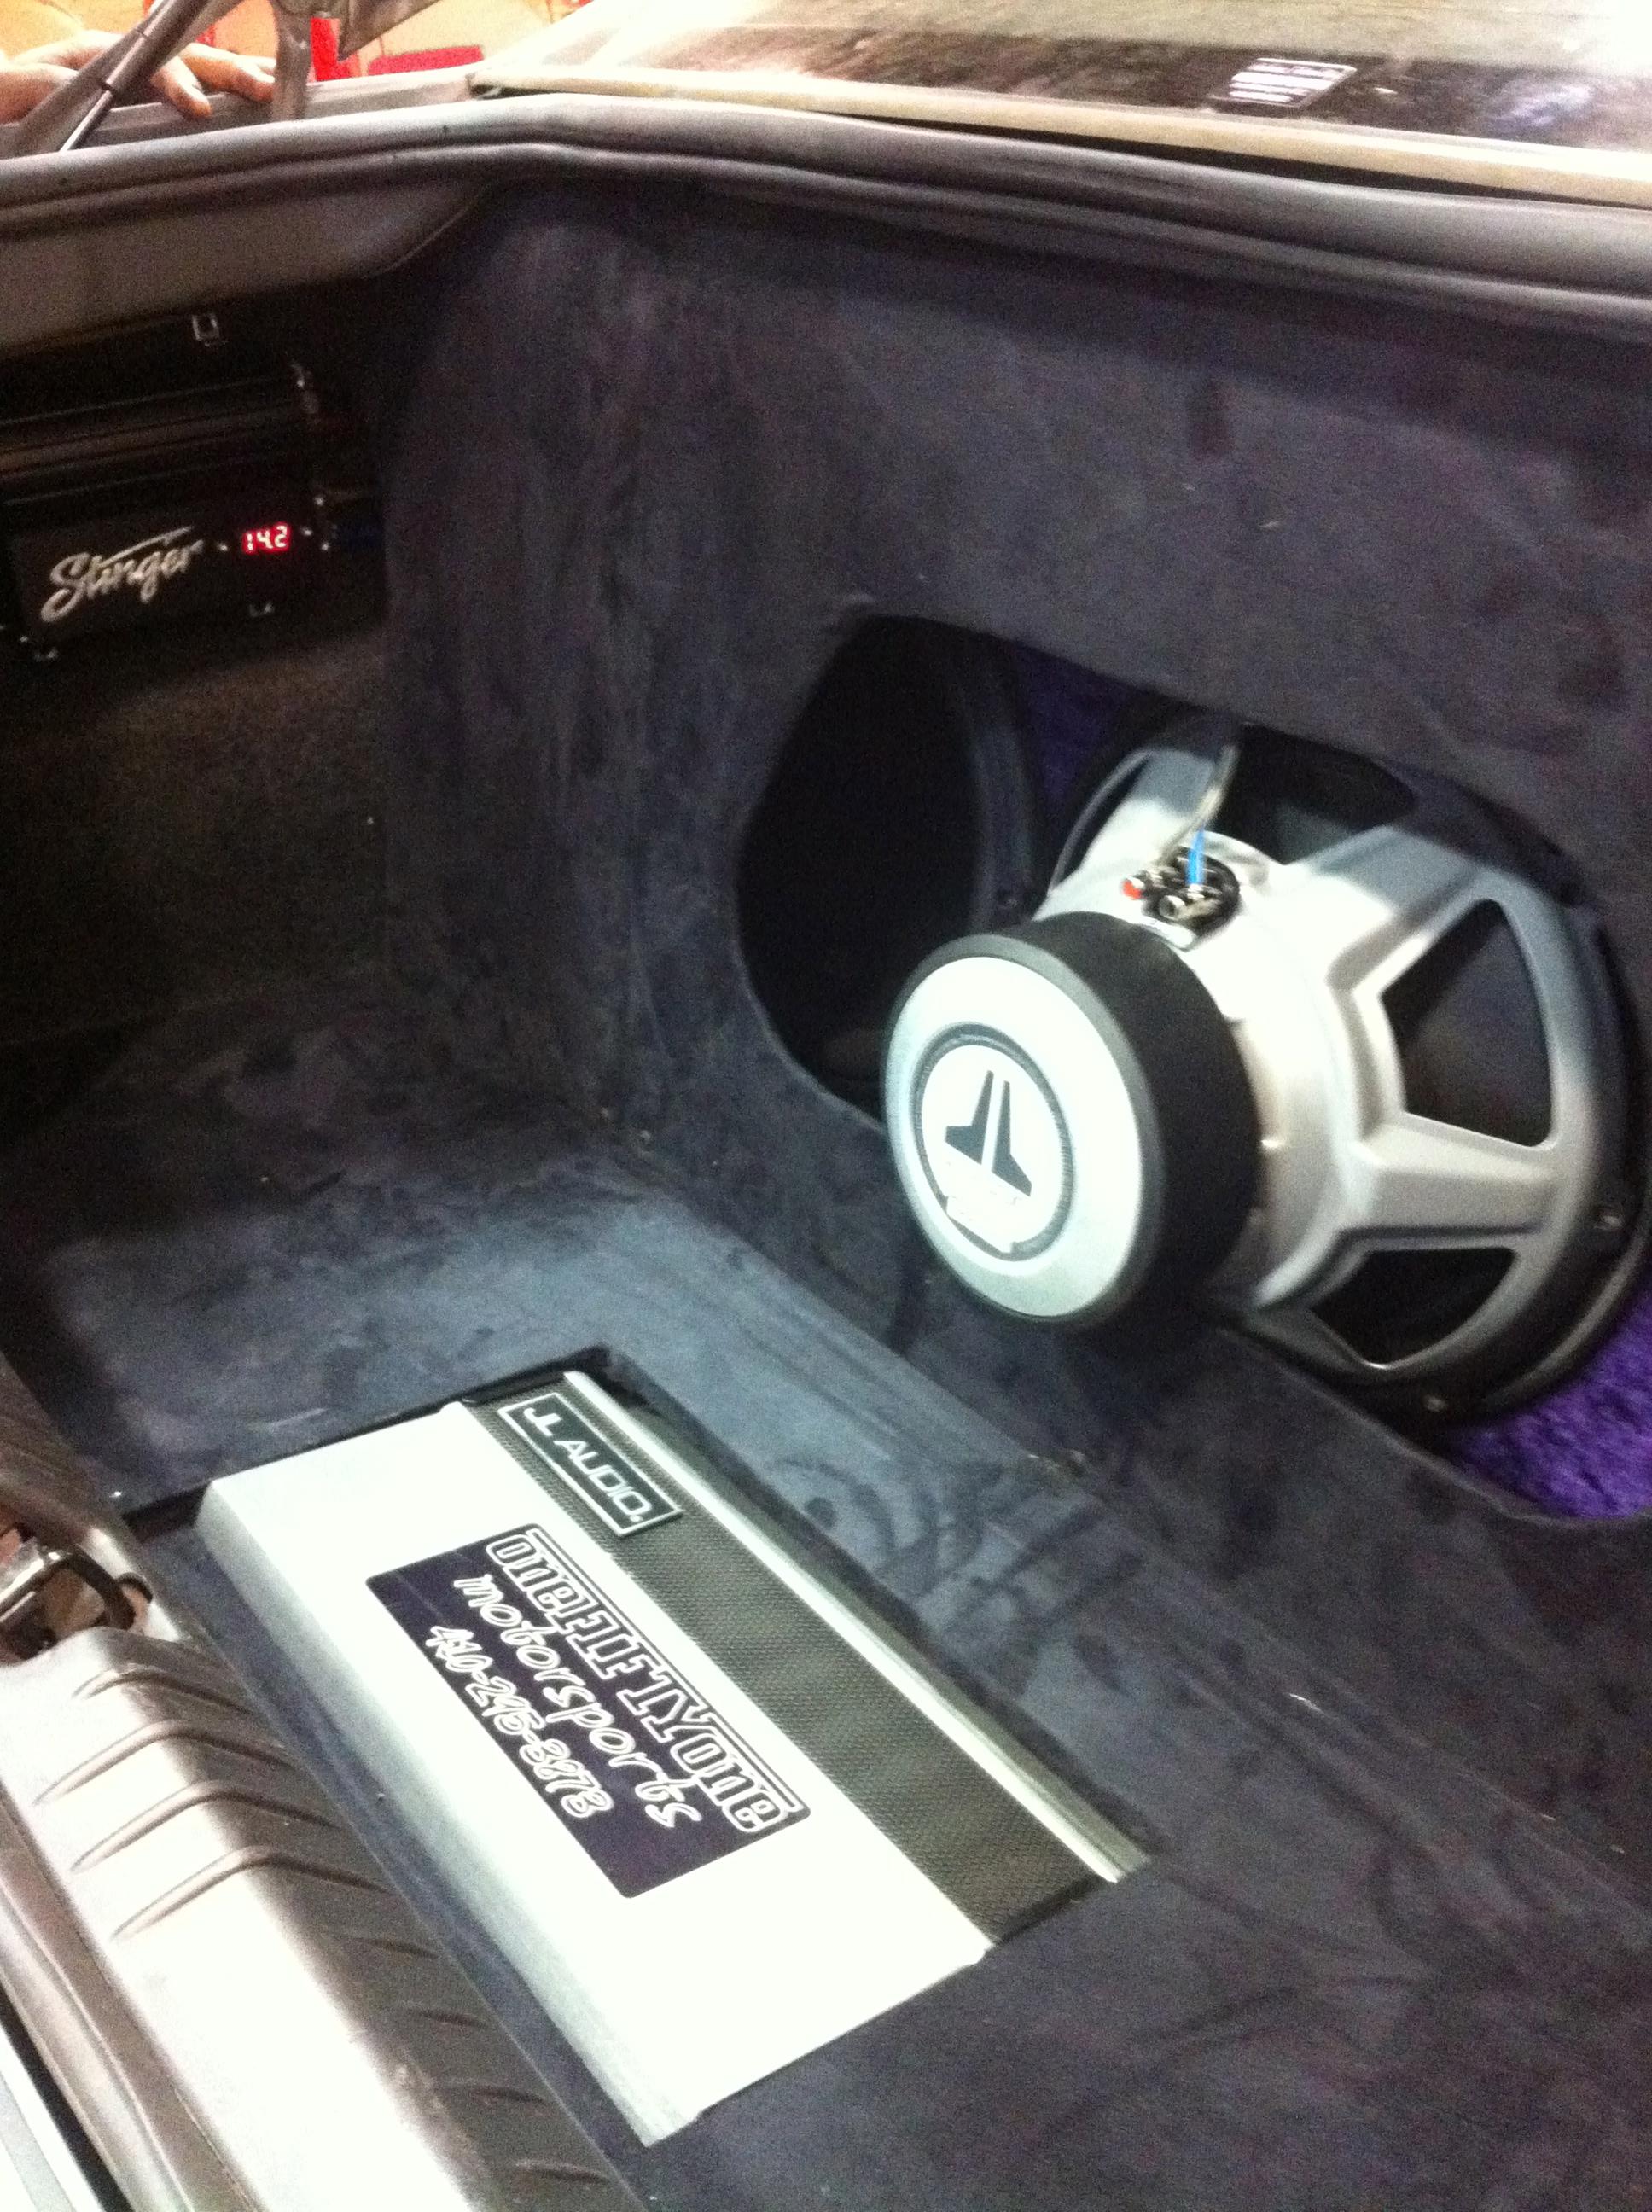 JL Audio Subwoofer